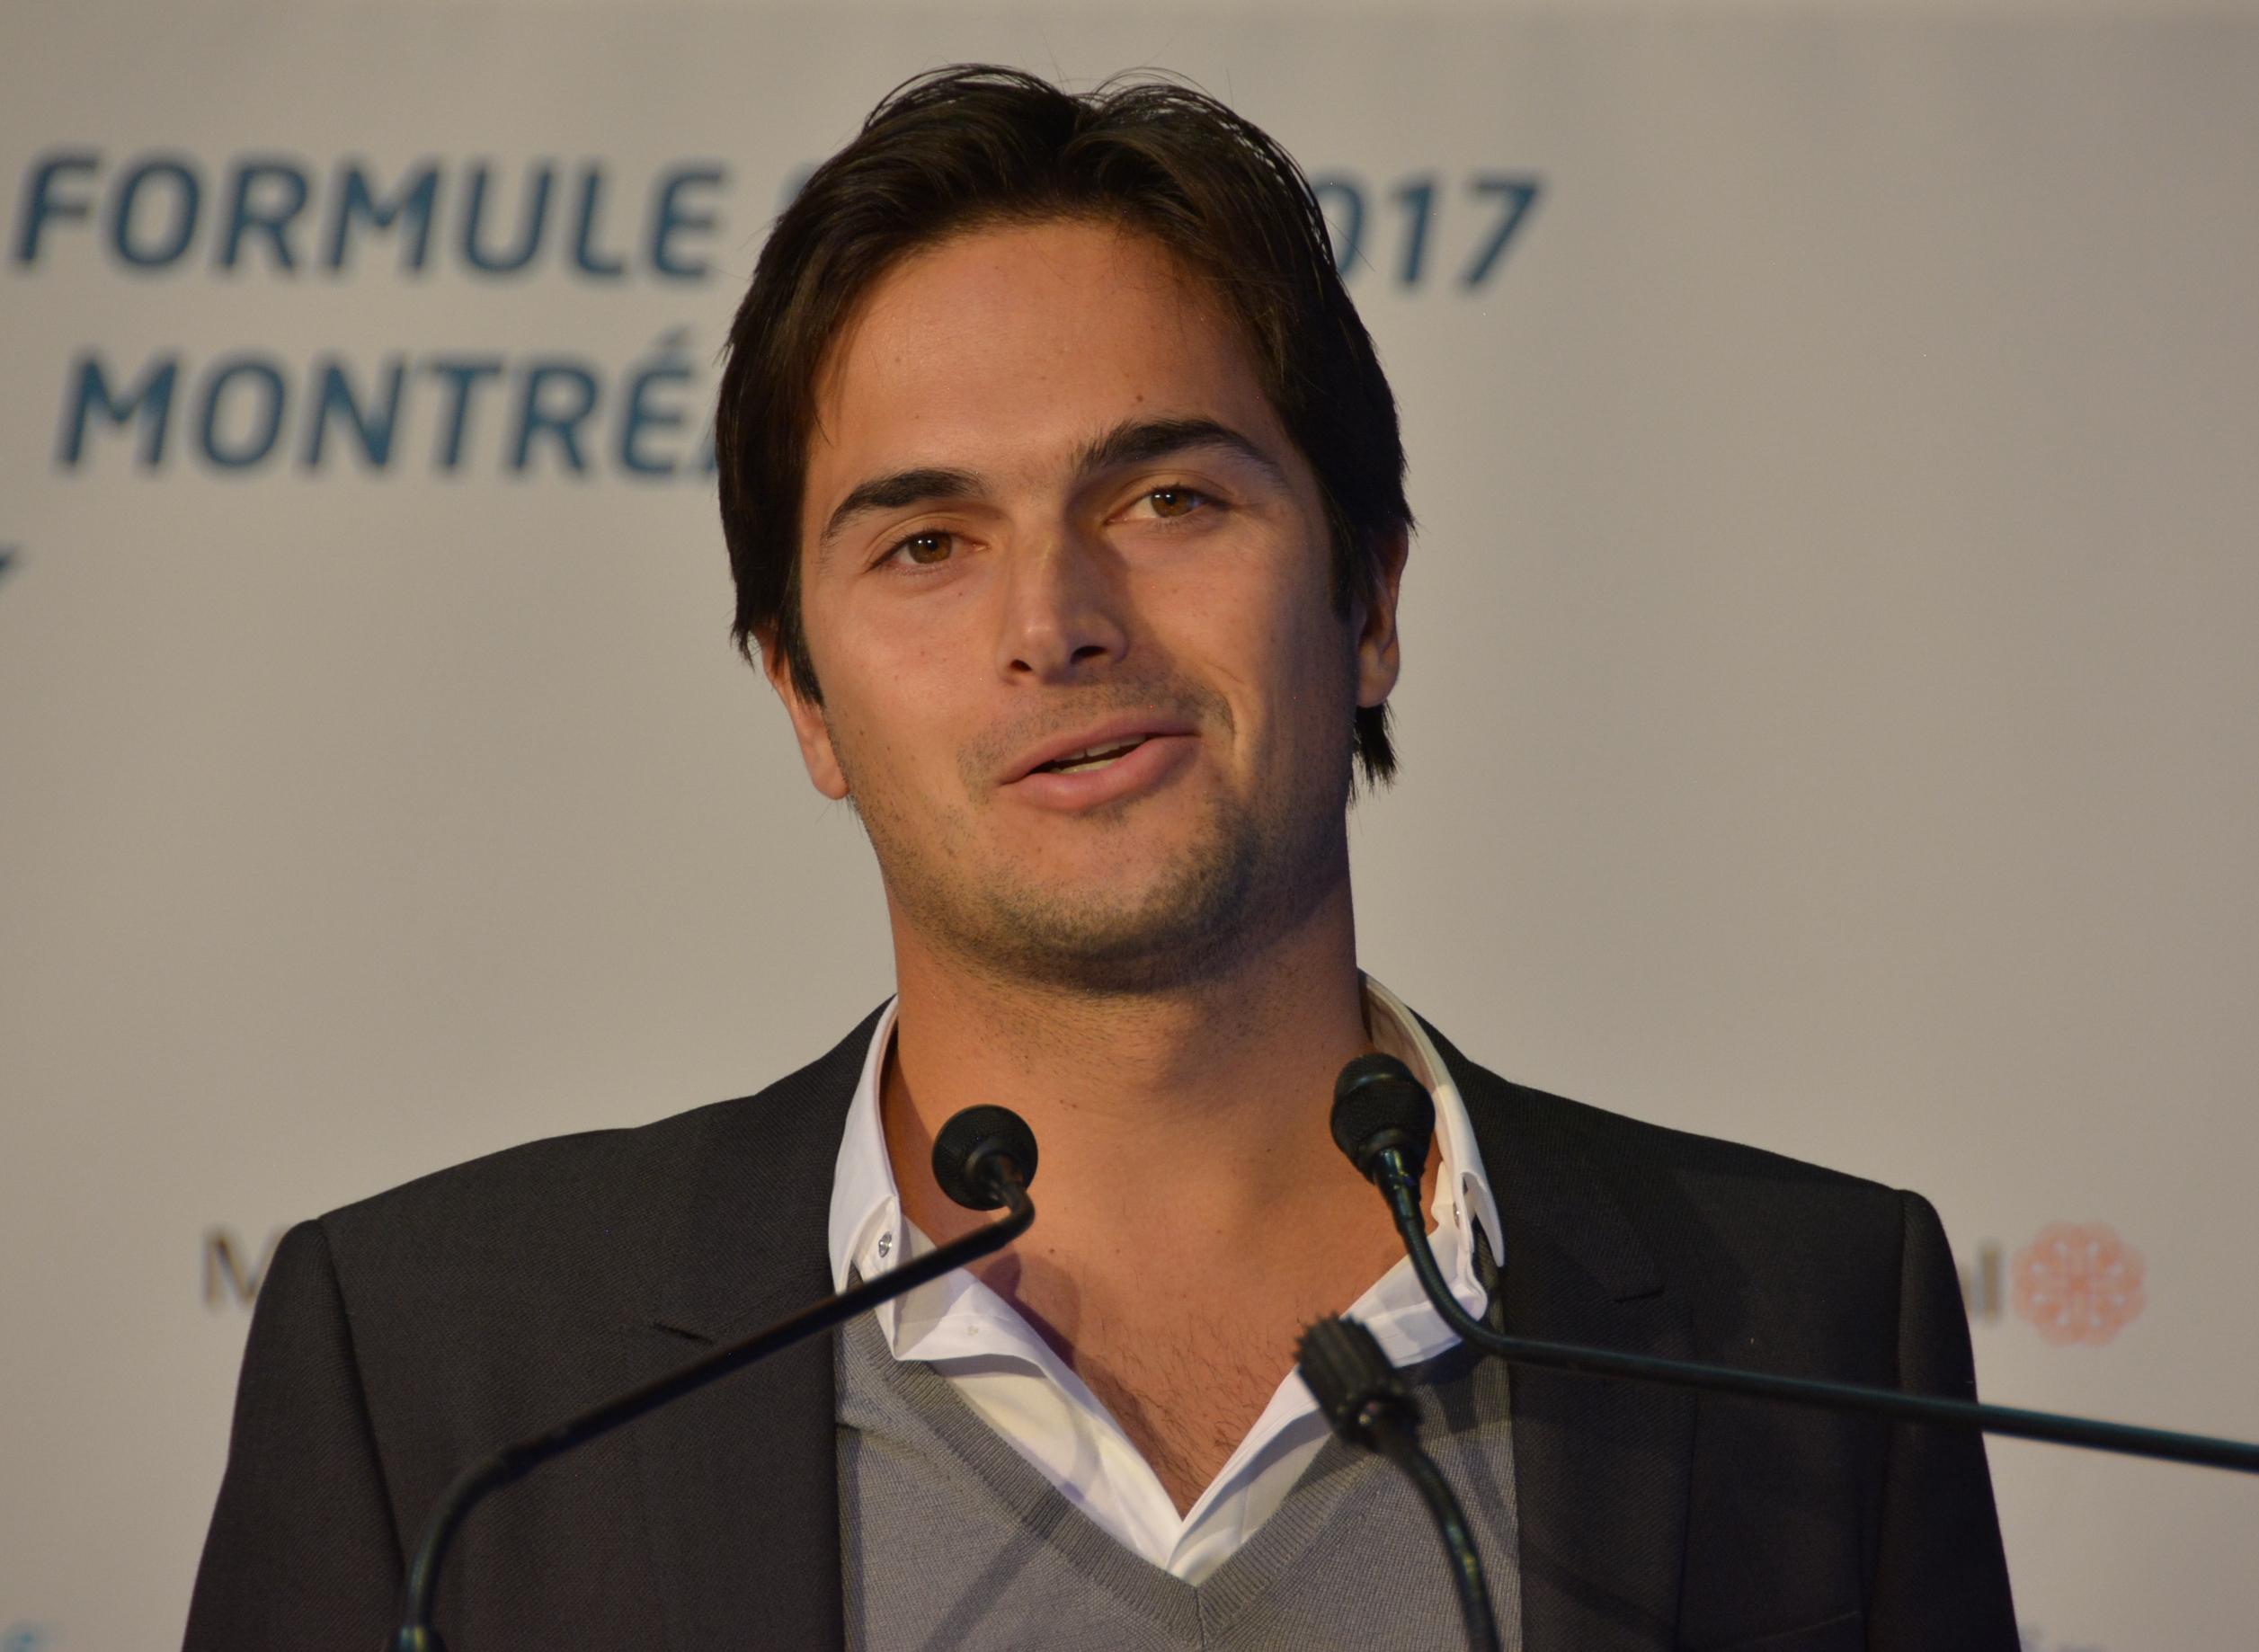 Nelson Piquet Jr, 1er champion de l'histoire de la Formule e, dont la père a gagné deux fois à Montréal en Formule 1